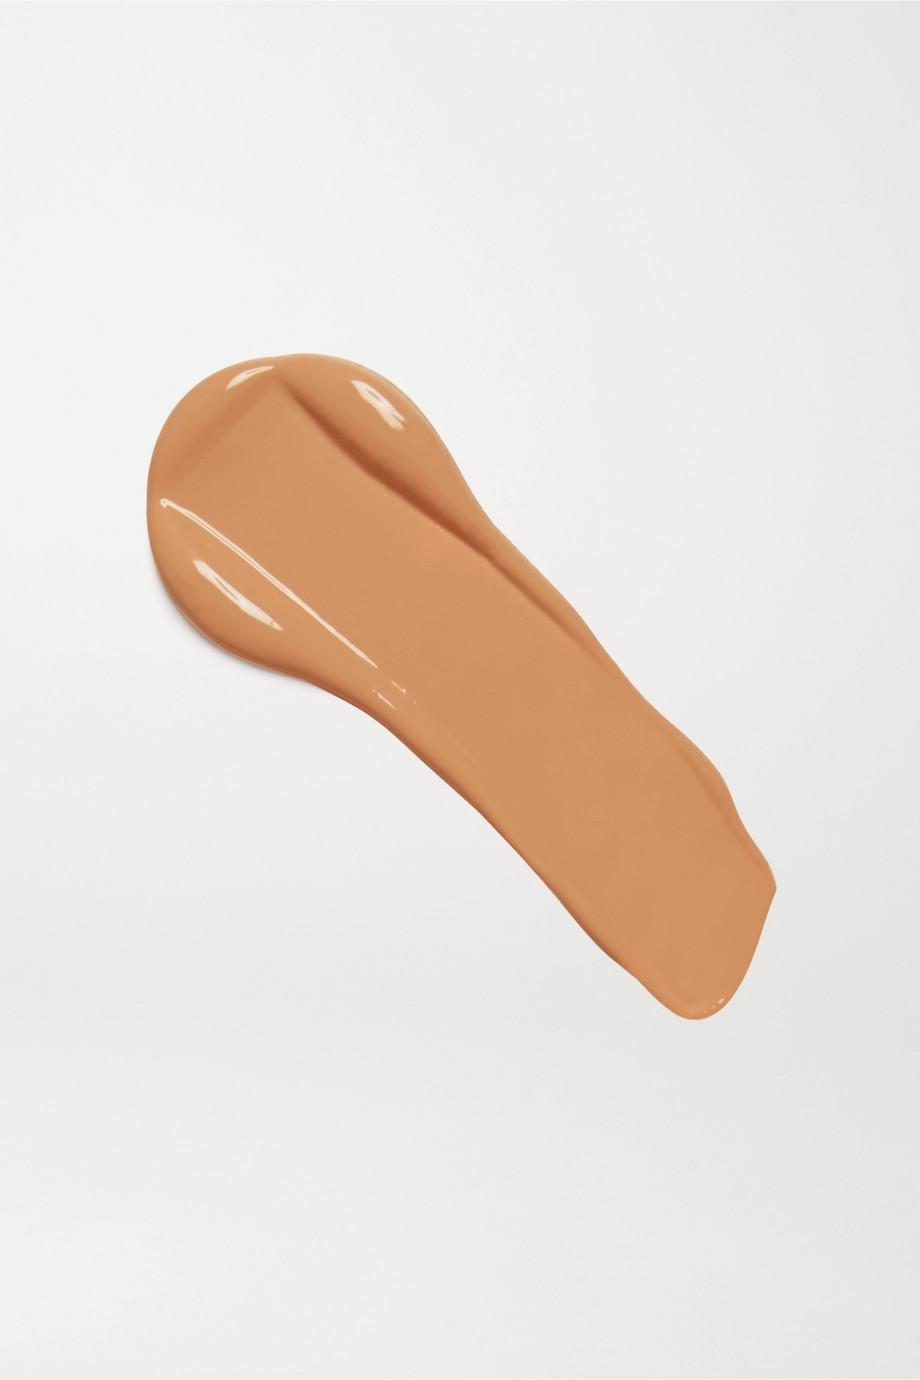 Bobbi Brown Fond de teint Intensive Skin Serum SPF 40, Warm Beige